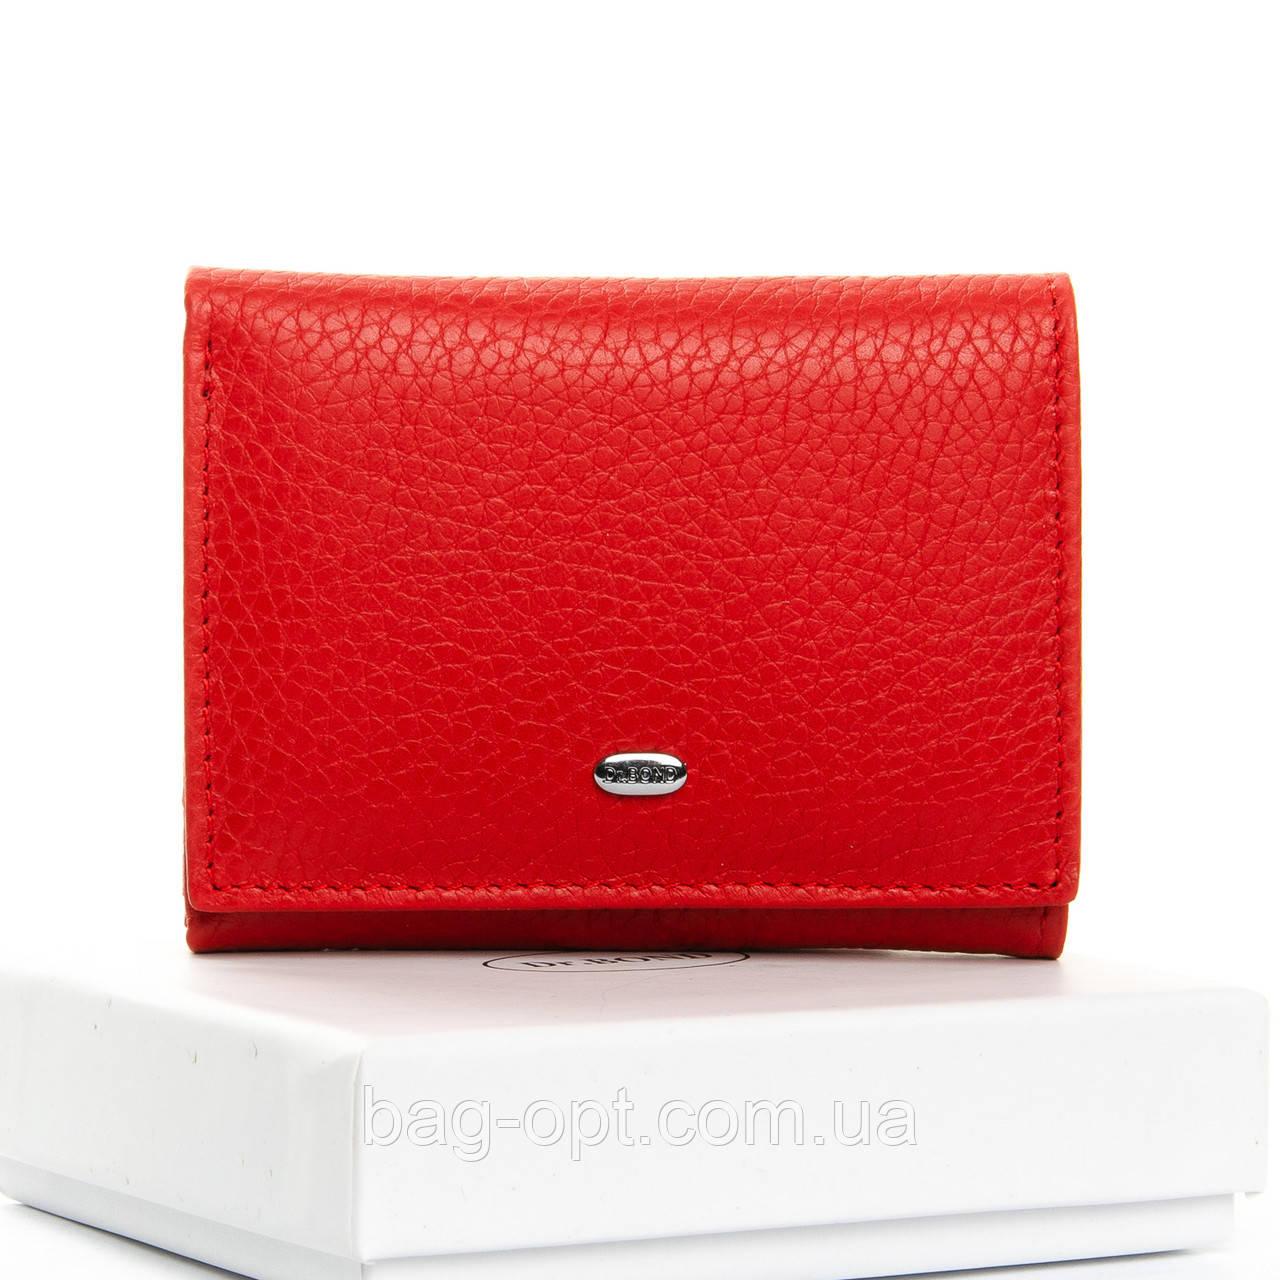 Женский кошелек кожаный Dr.Bond (8,5x10,5x2,5 см) красный